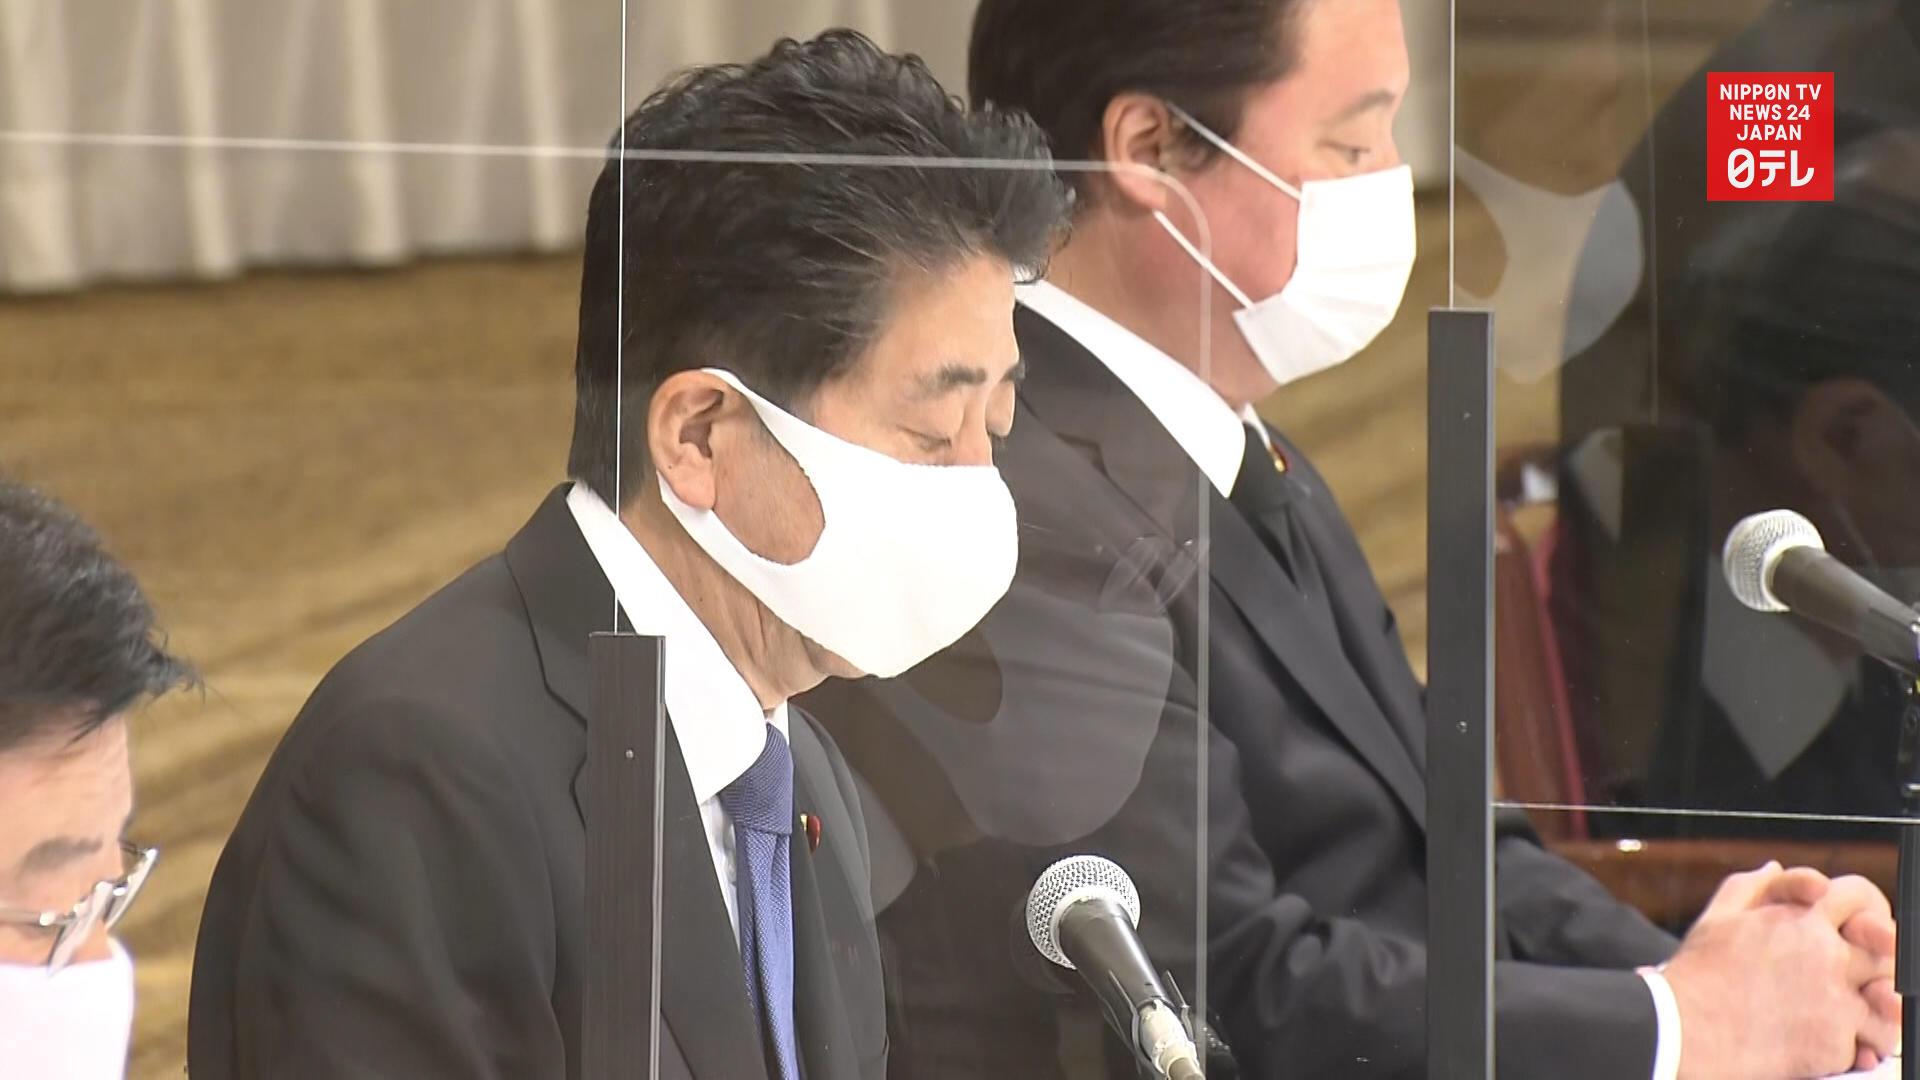 Japan to consider certifying Hiroshima plaintiffs as